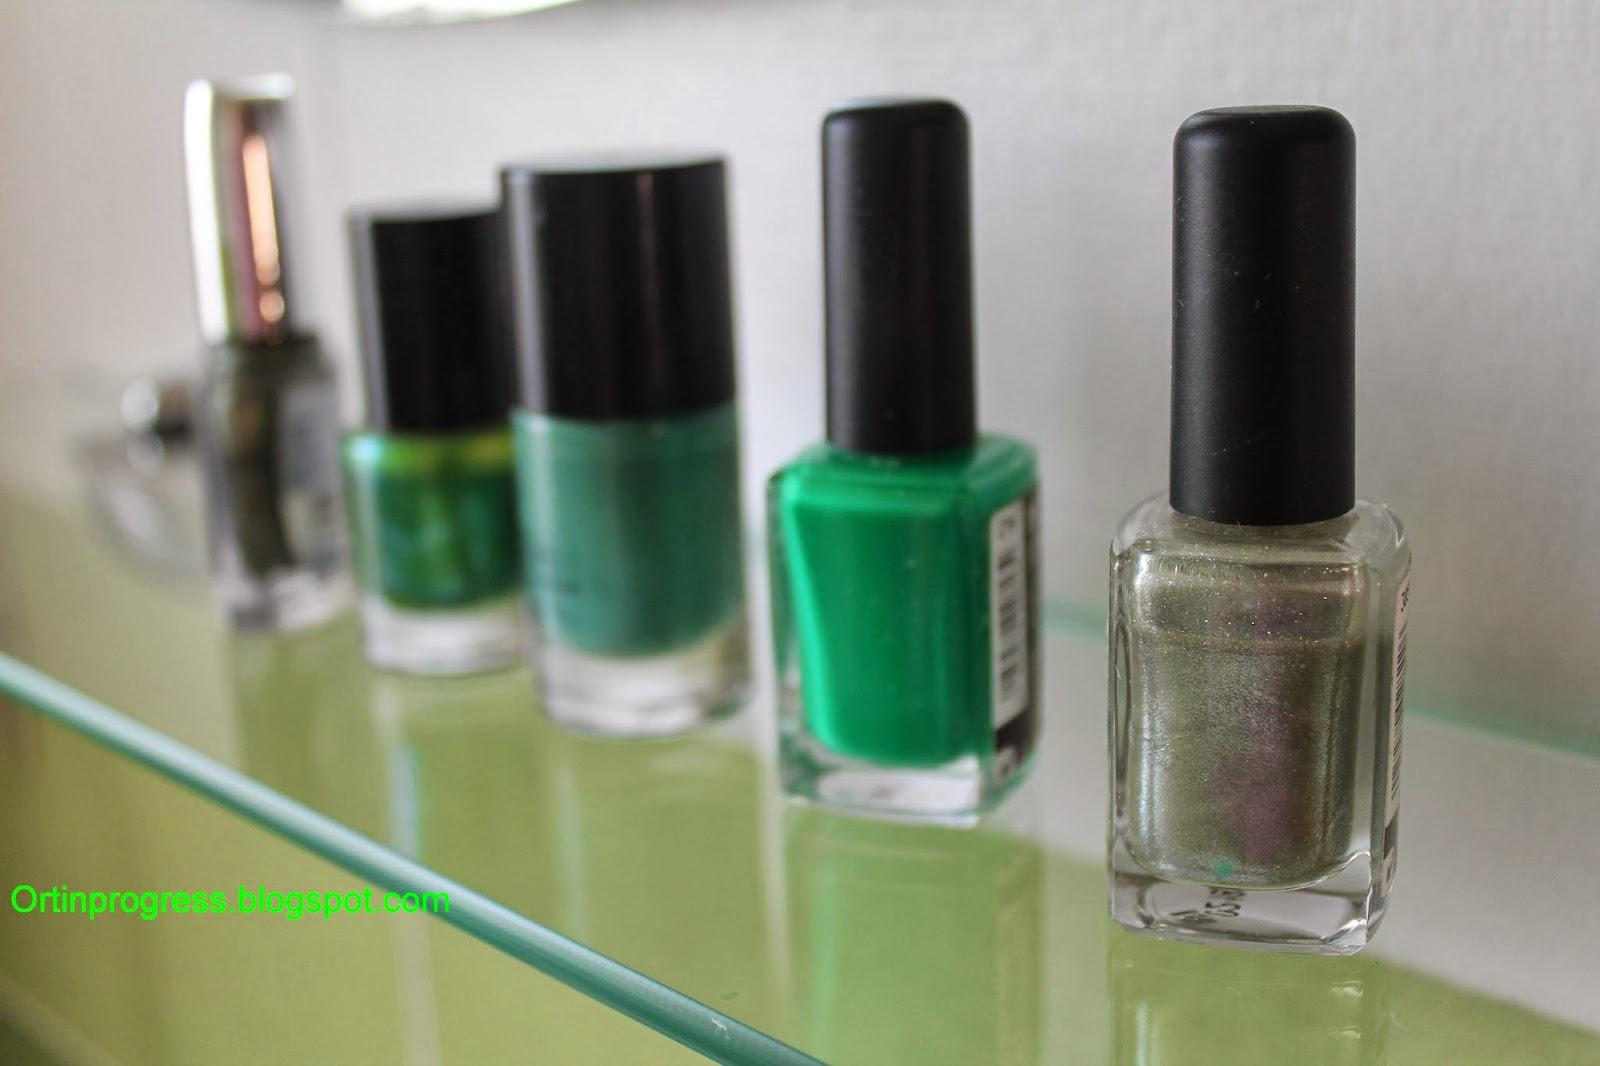 Orti in progress natale al verde pigne decorate con for Decorazioni natalizie unghie